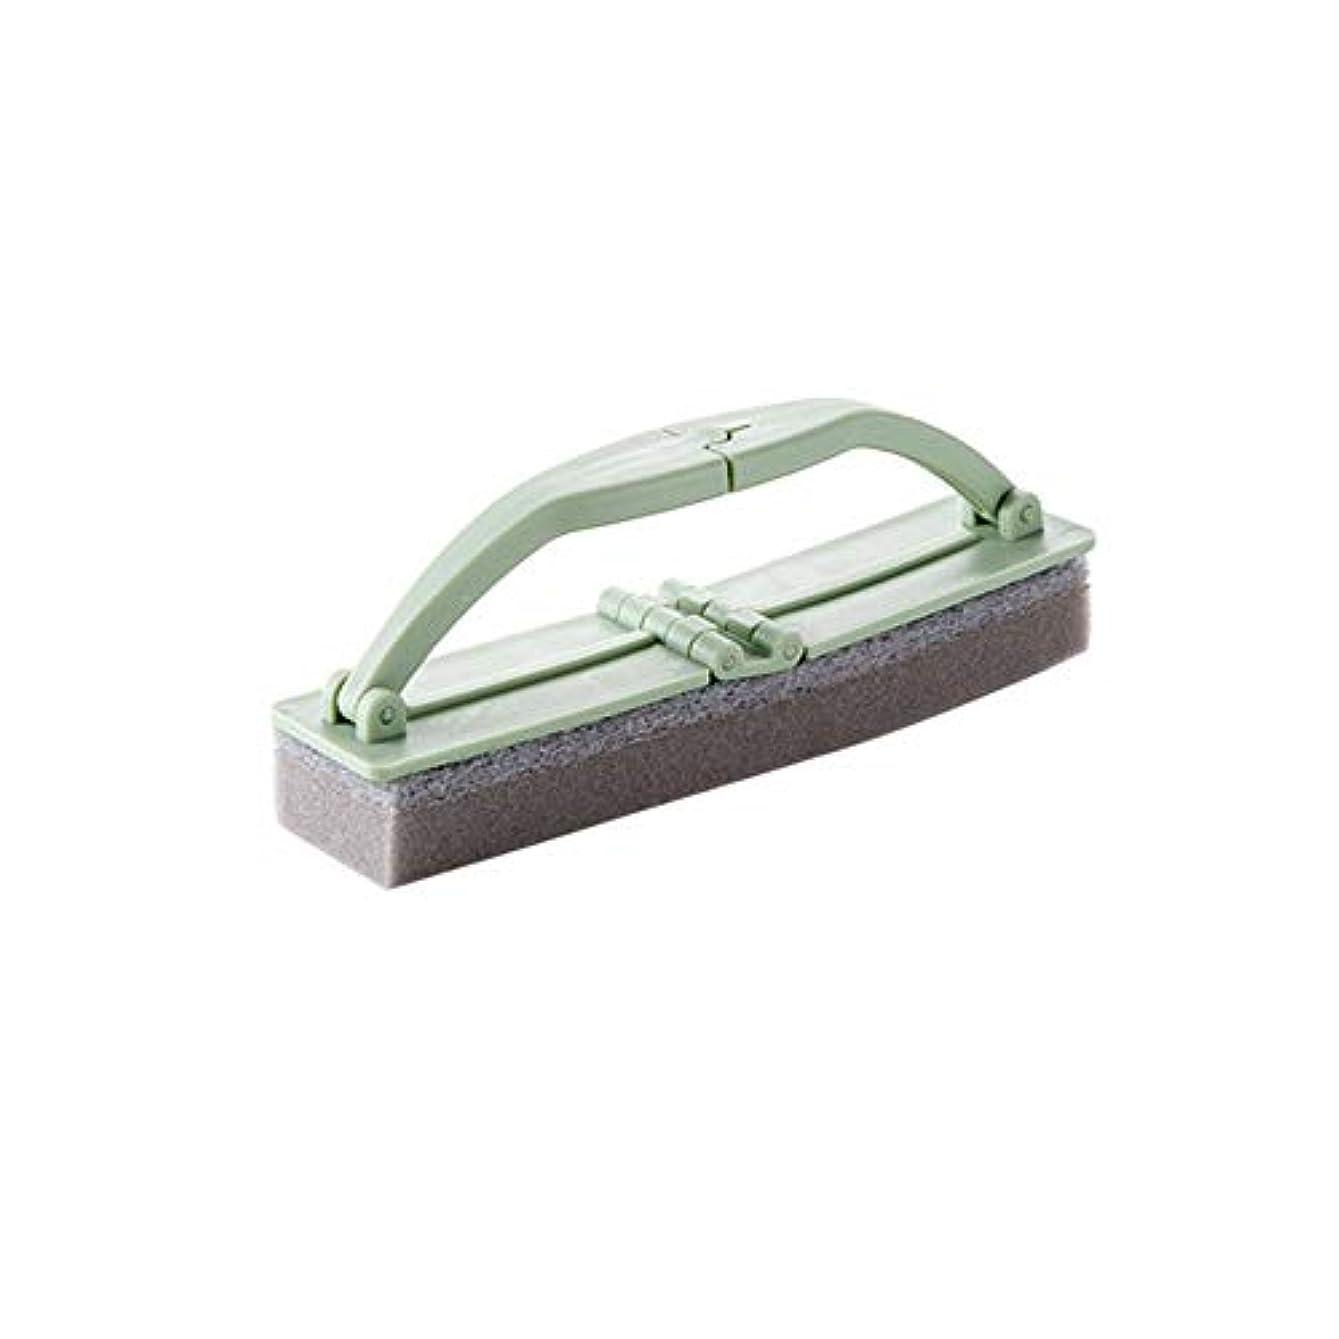 アジテーション流星不十分なポアクリーニング 折りたたみ式の浴室スポンジハンドル付き強力な汚染除去タイルクリーニングスポンジブラシ2 PCS マッサージブラシ (色 : 緑)